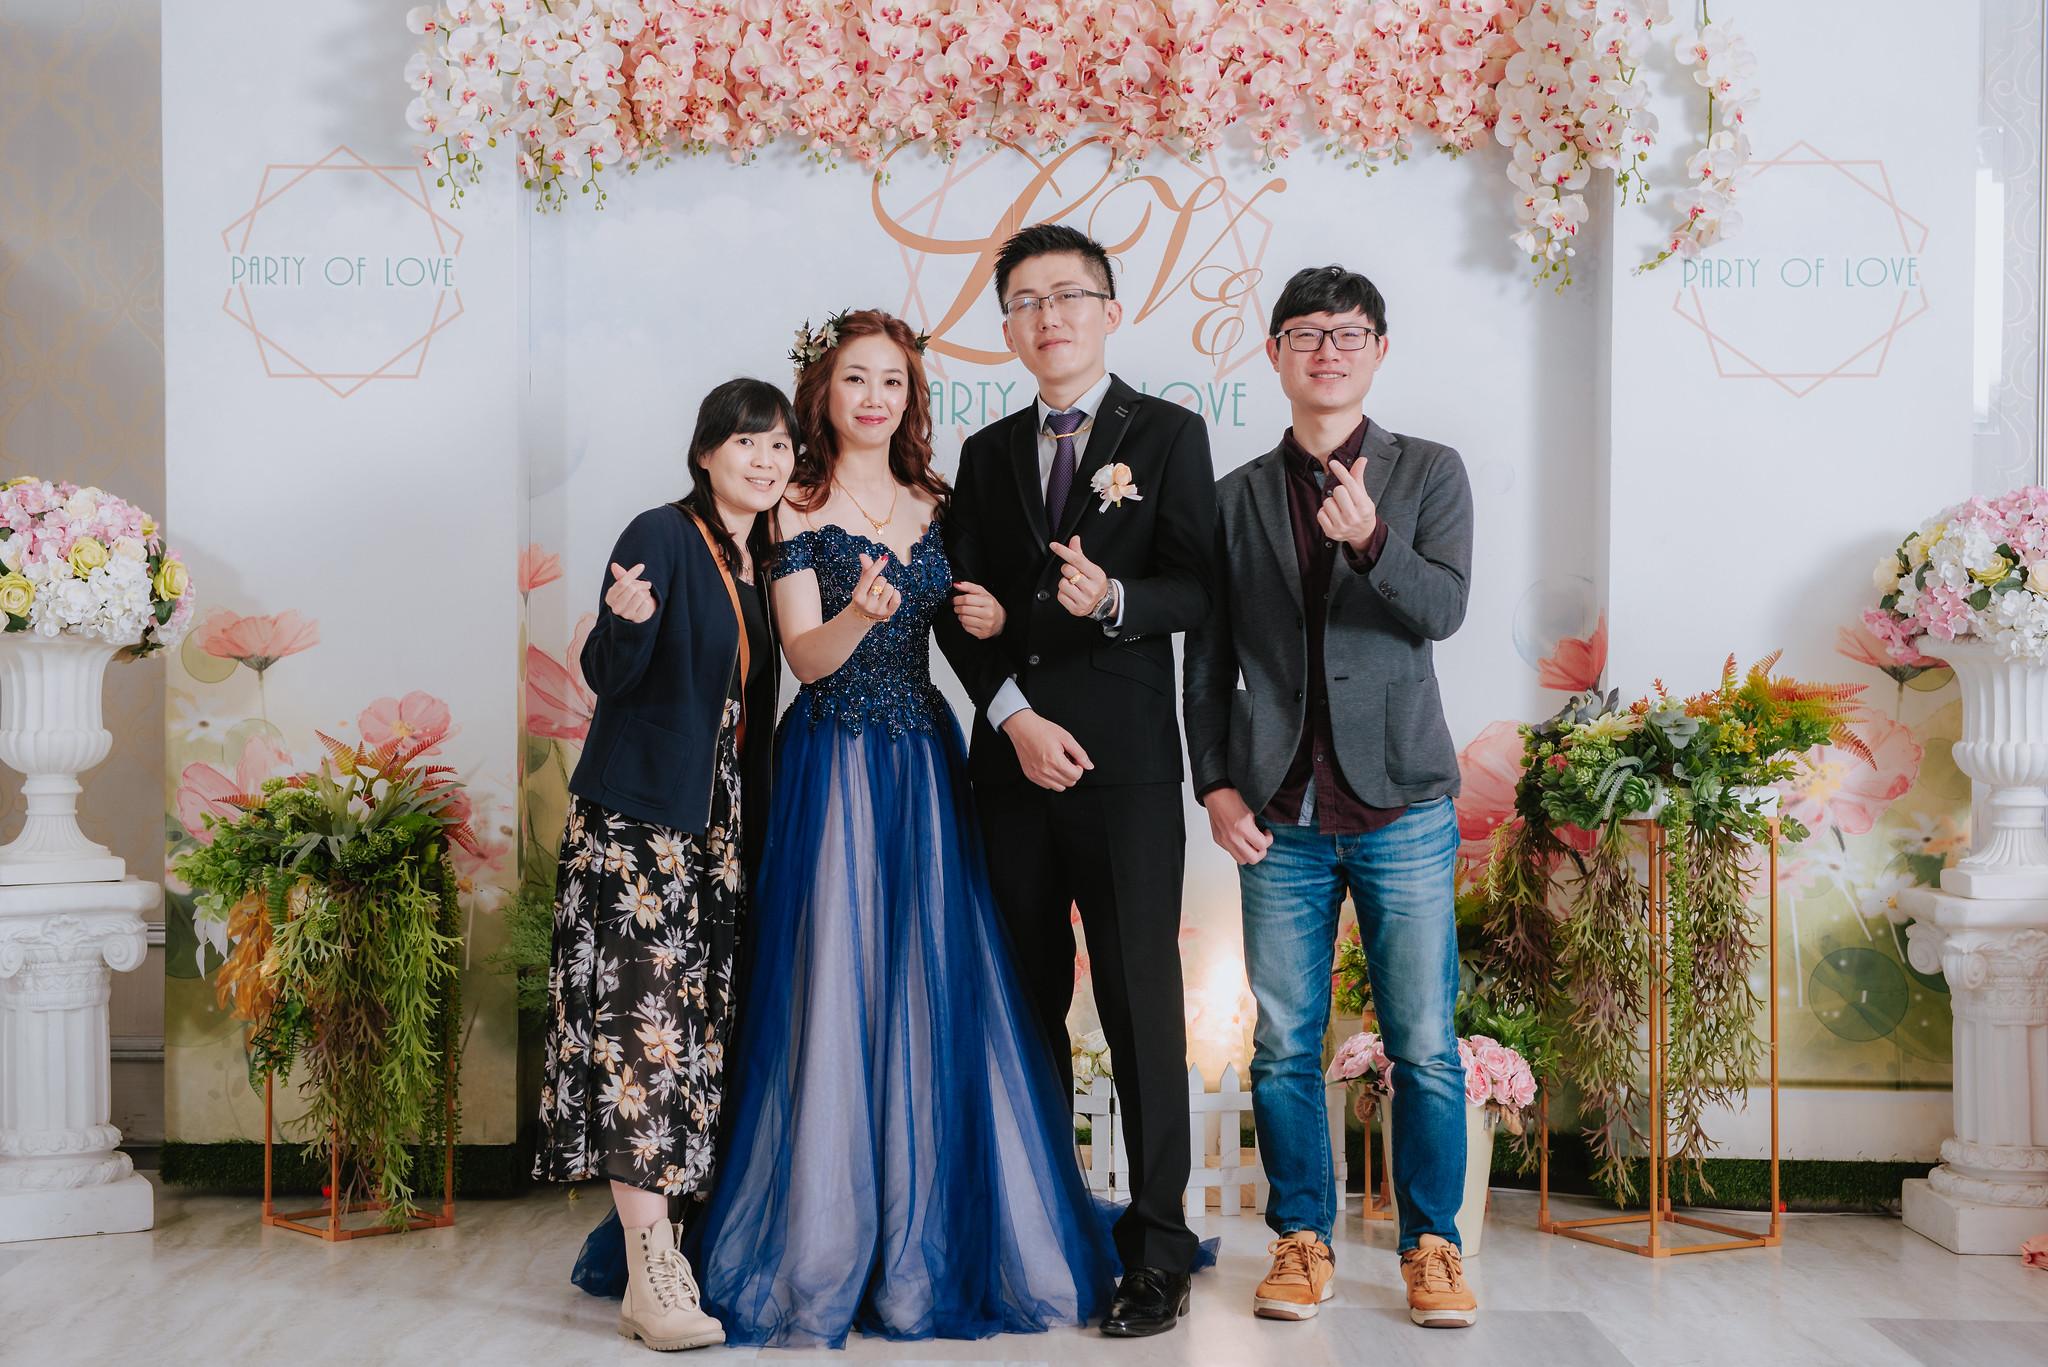 【婚攝合照搶先看】崧甫&巧甄|婚禮攝影|桃園綠光 婚攝推薦13